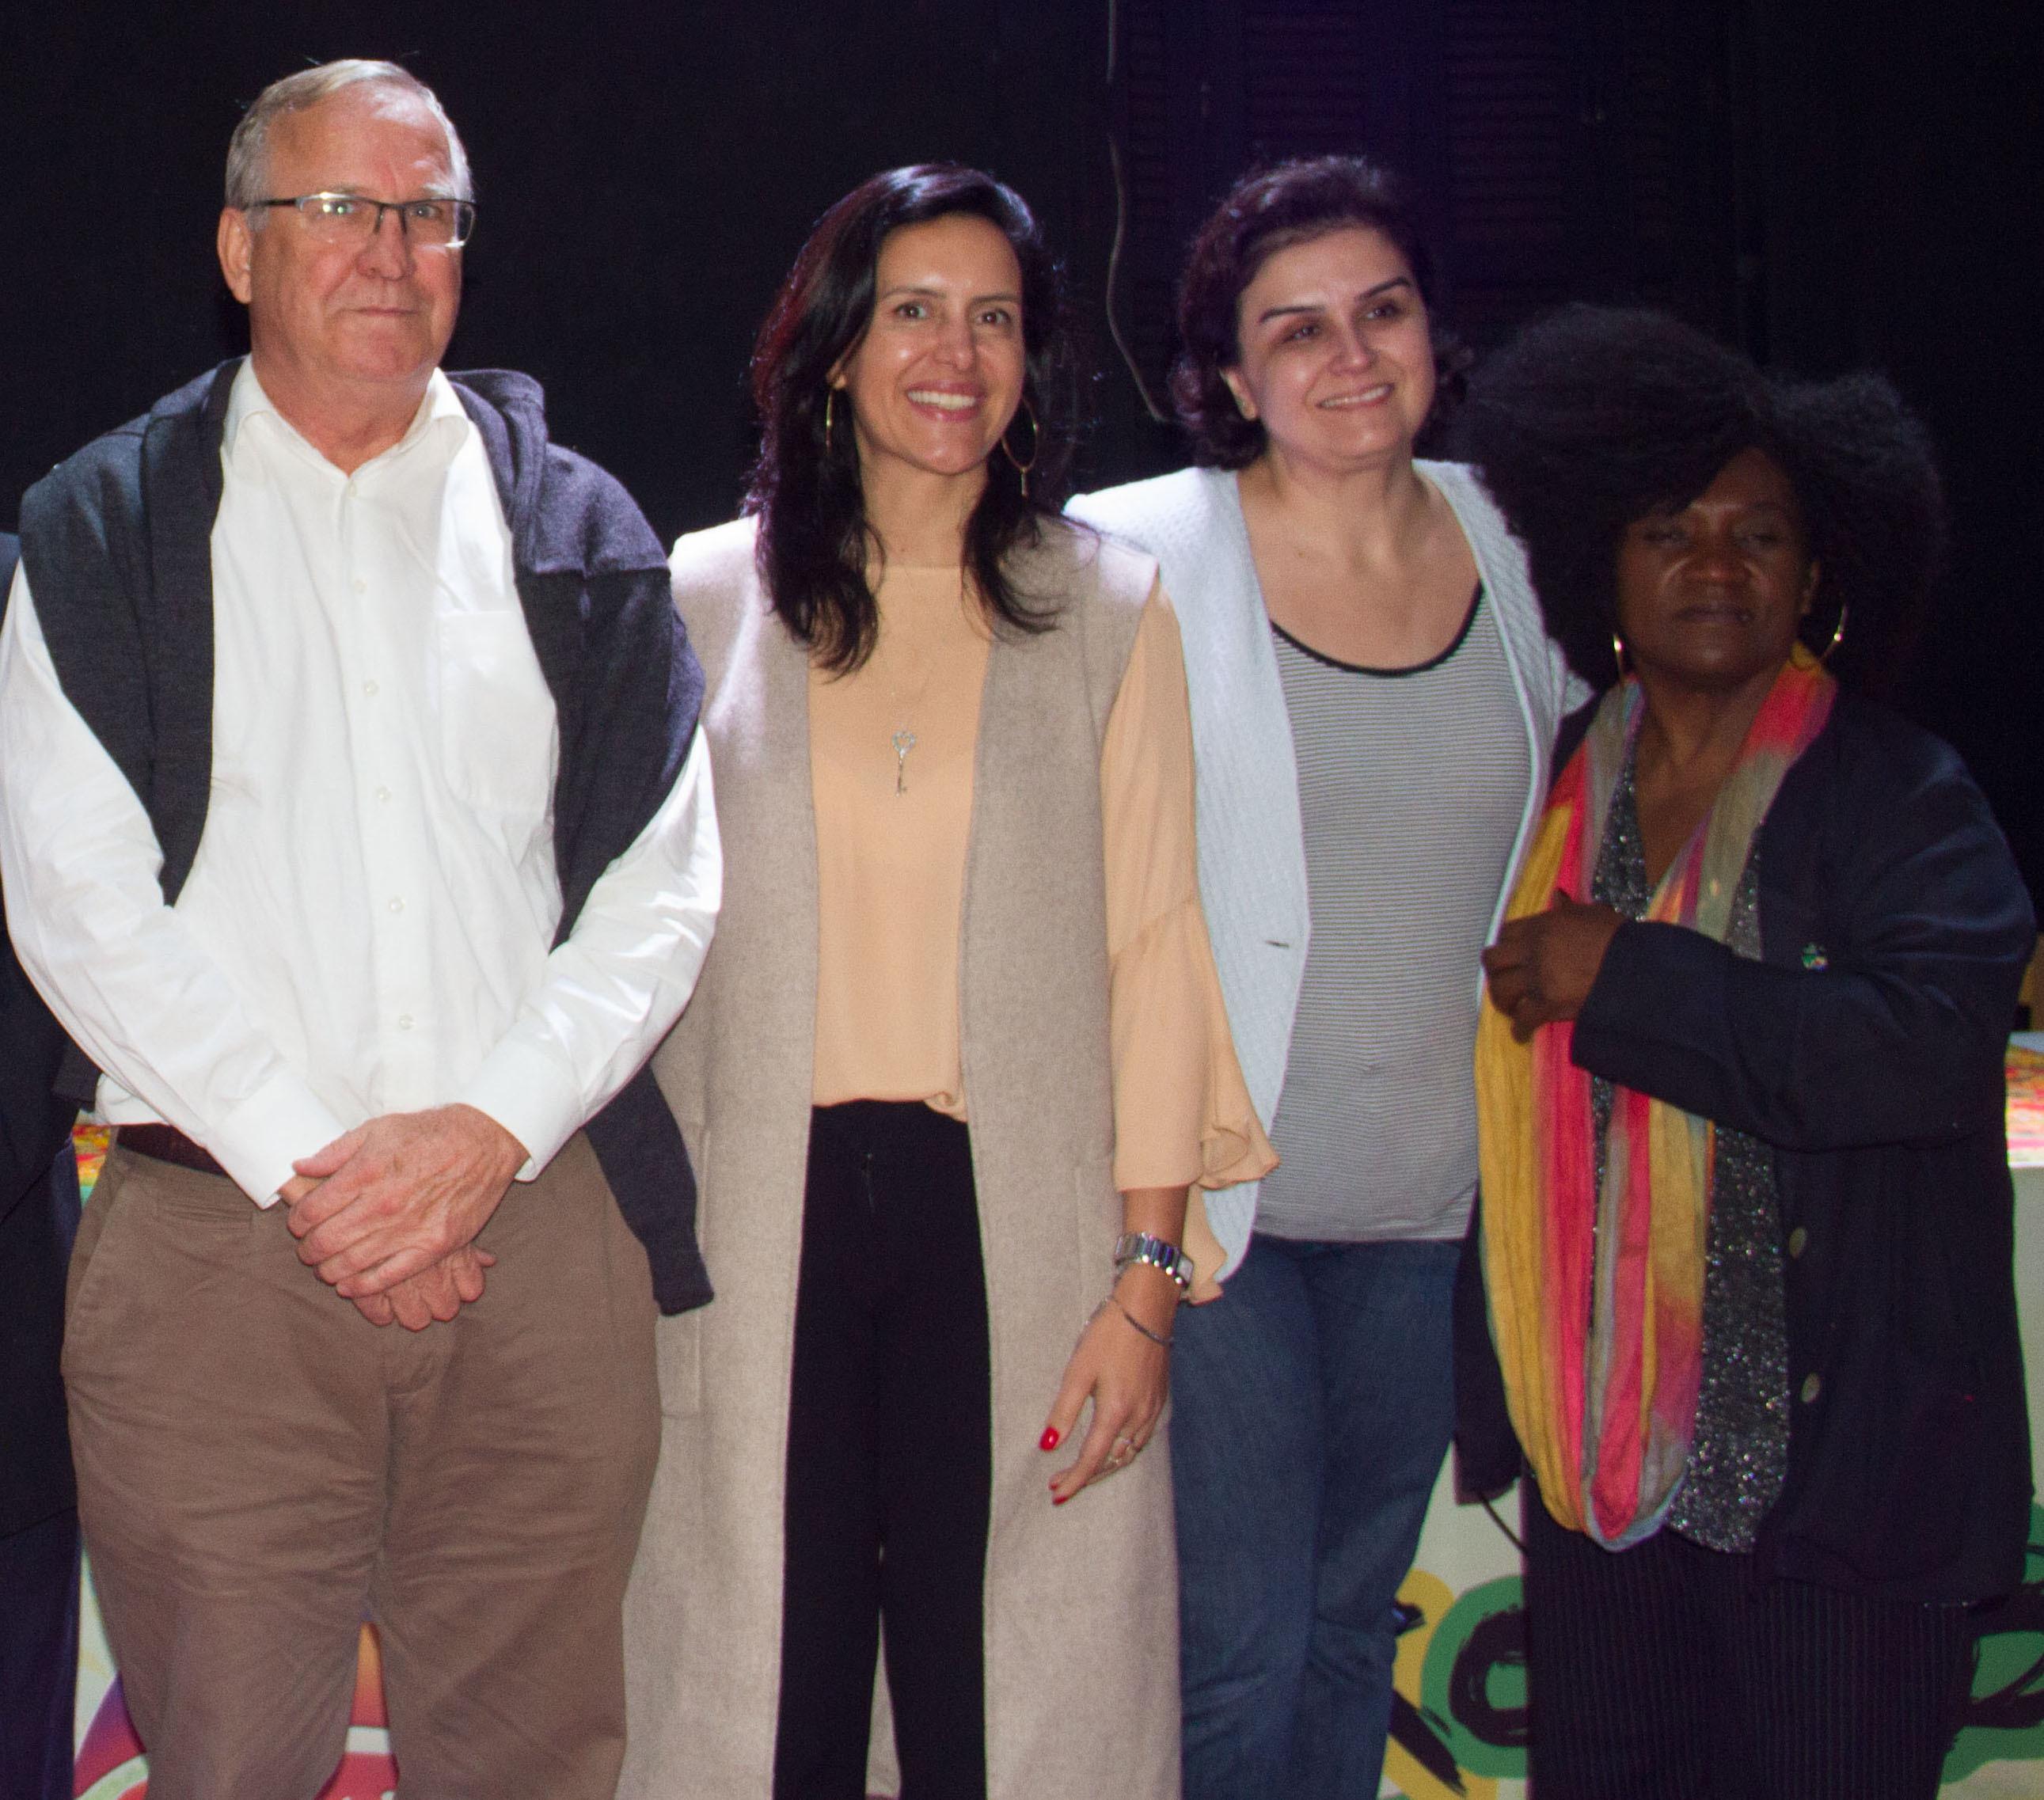 Fv. Sven Blikstad, Juliana M. Gottardi, Ana Ferreira, samt Ordalina Felipe (fra det gamle styret).